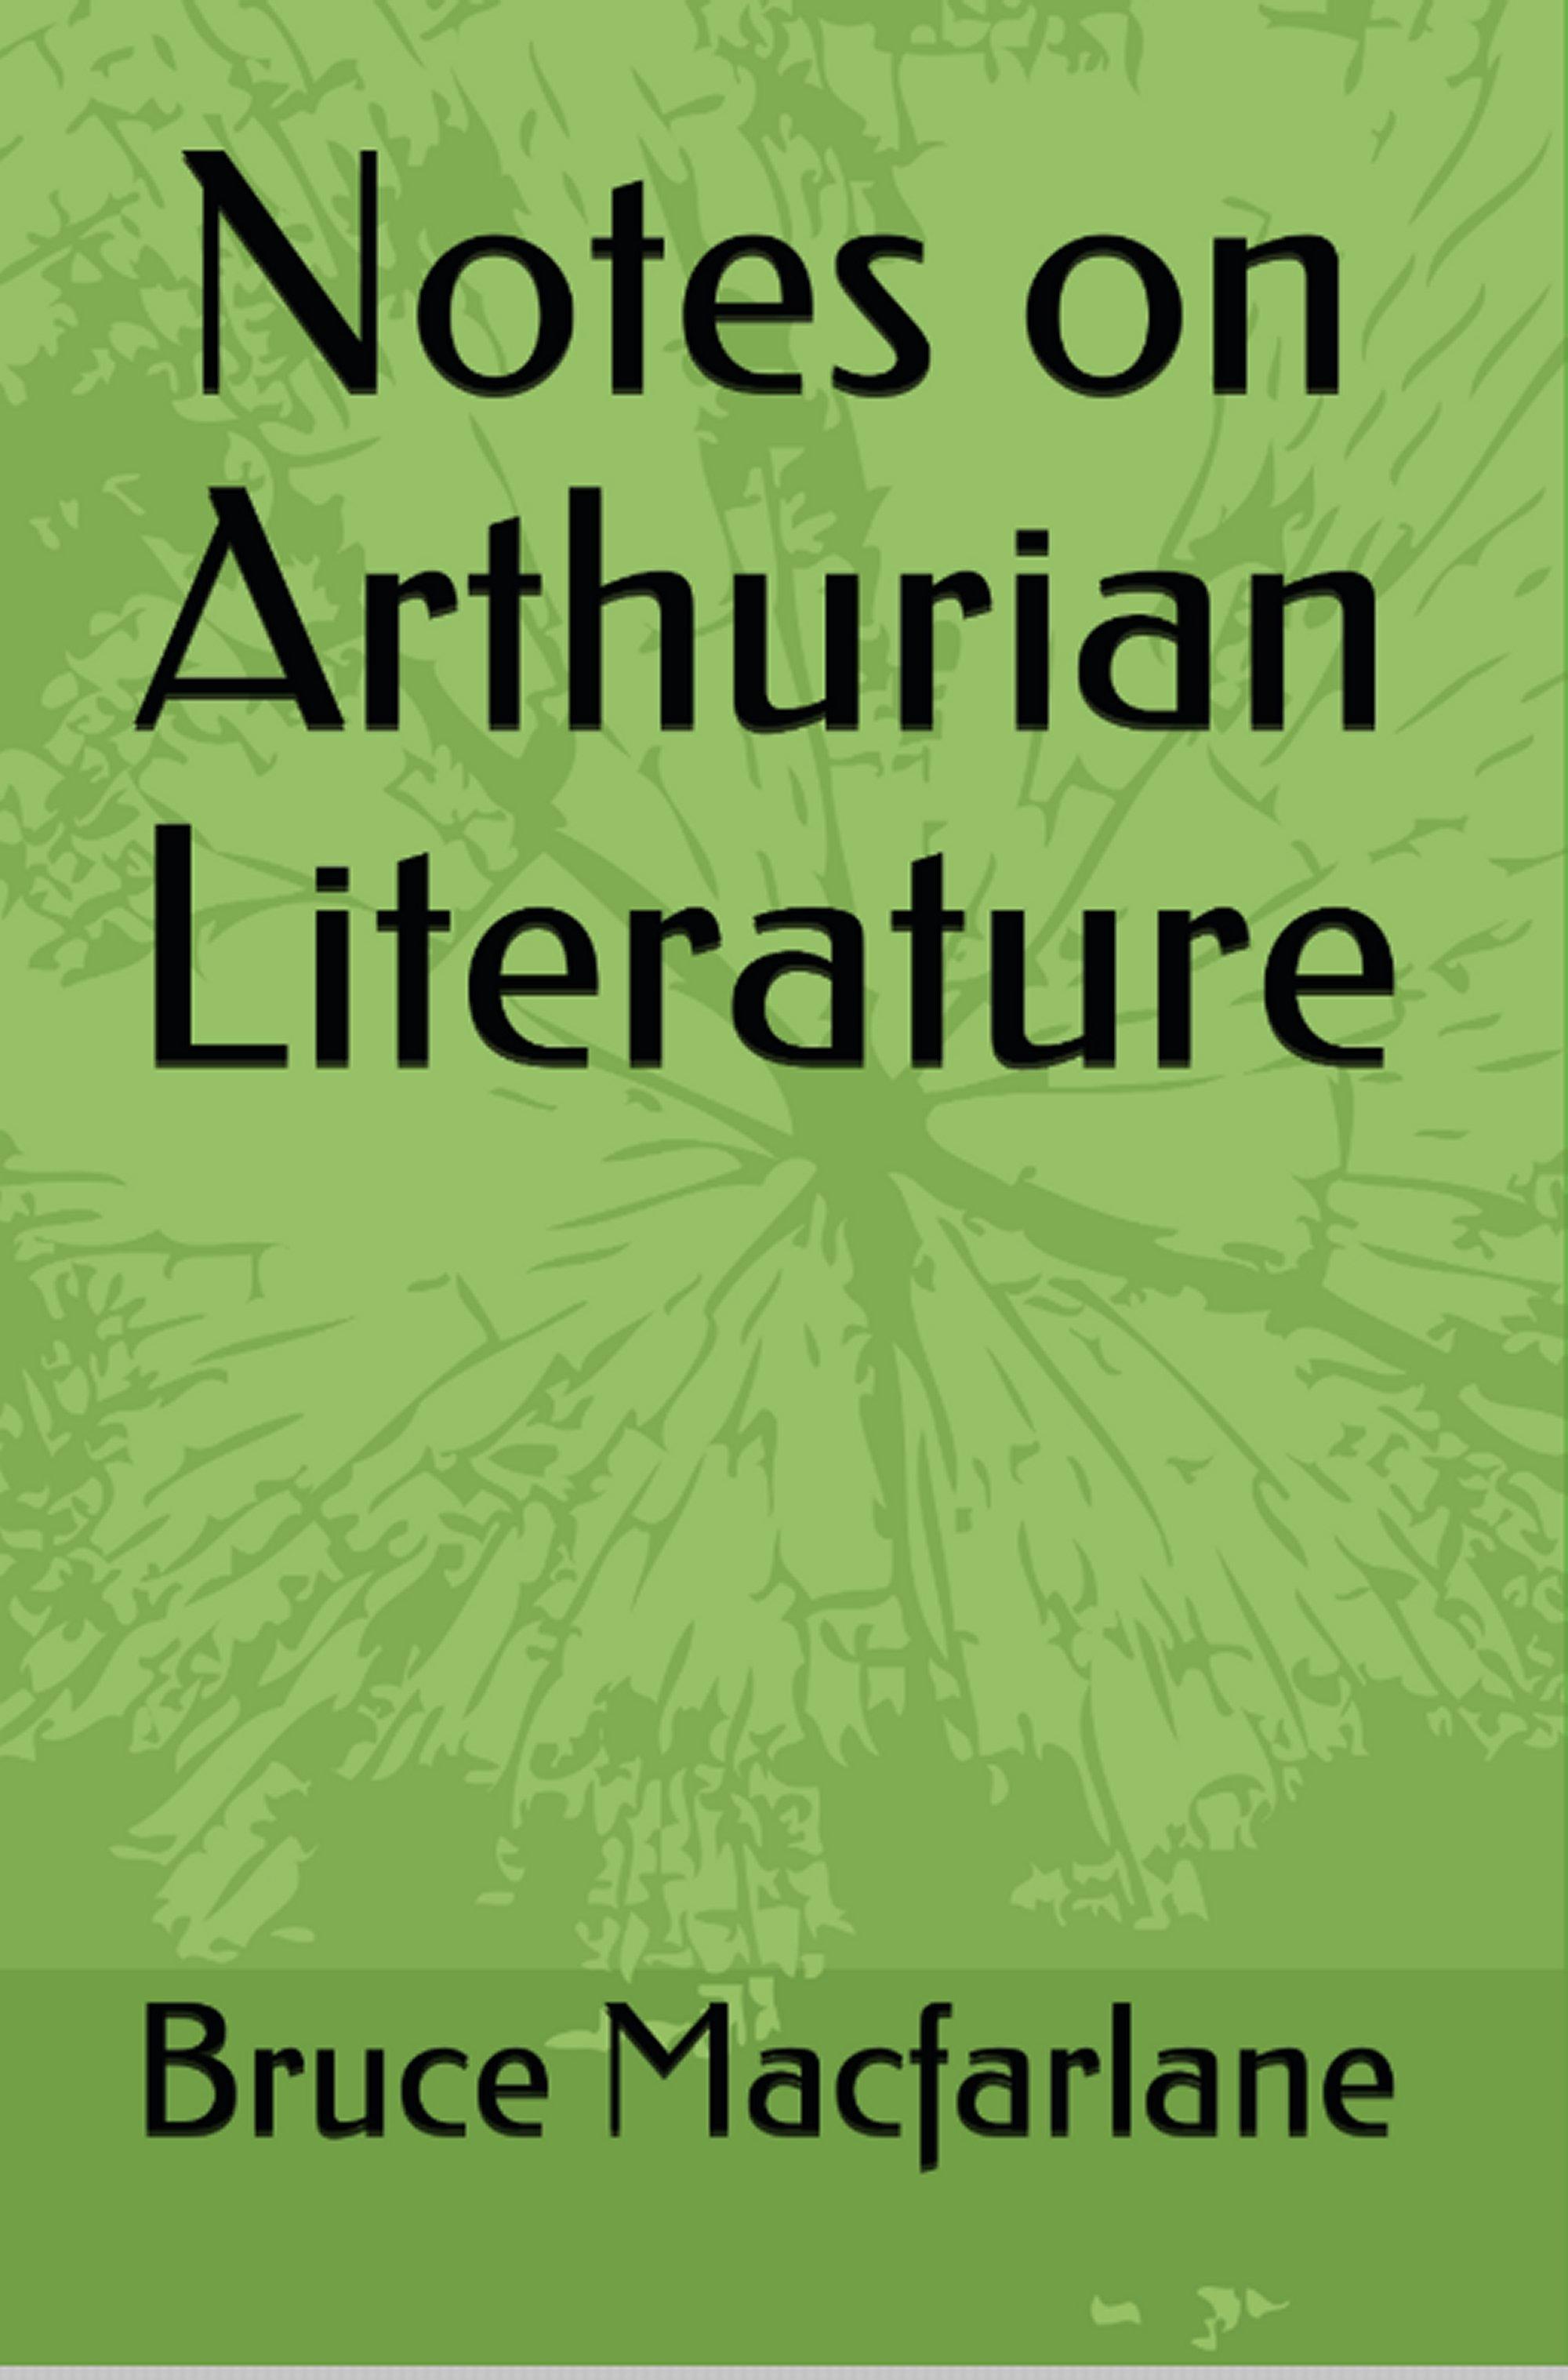 bookcover arthur0119a